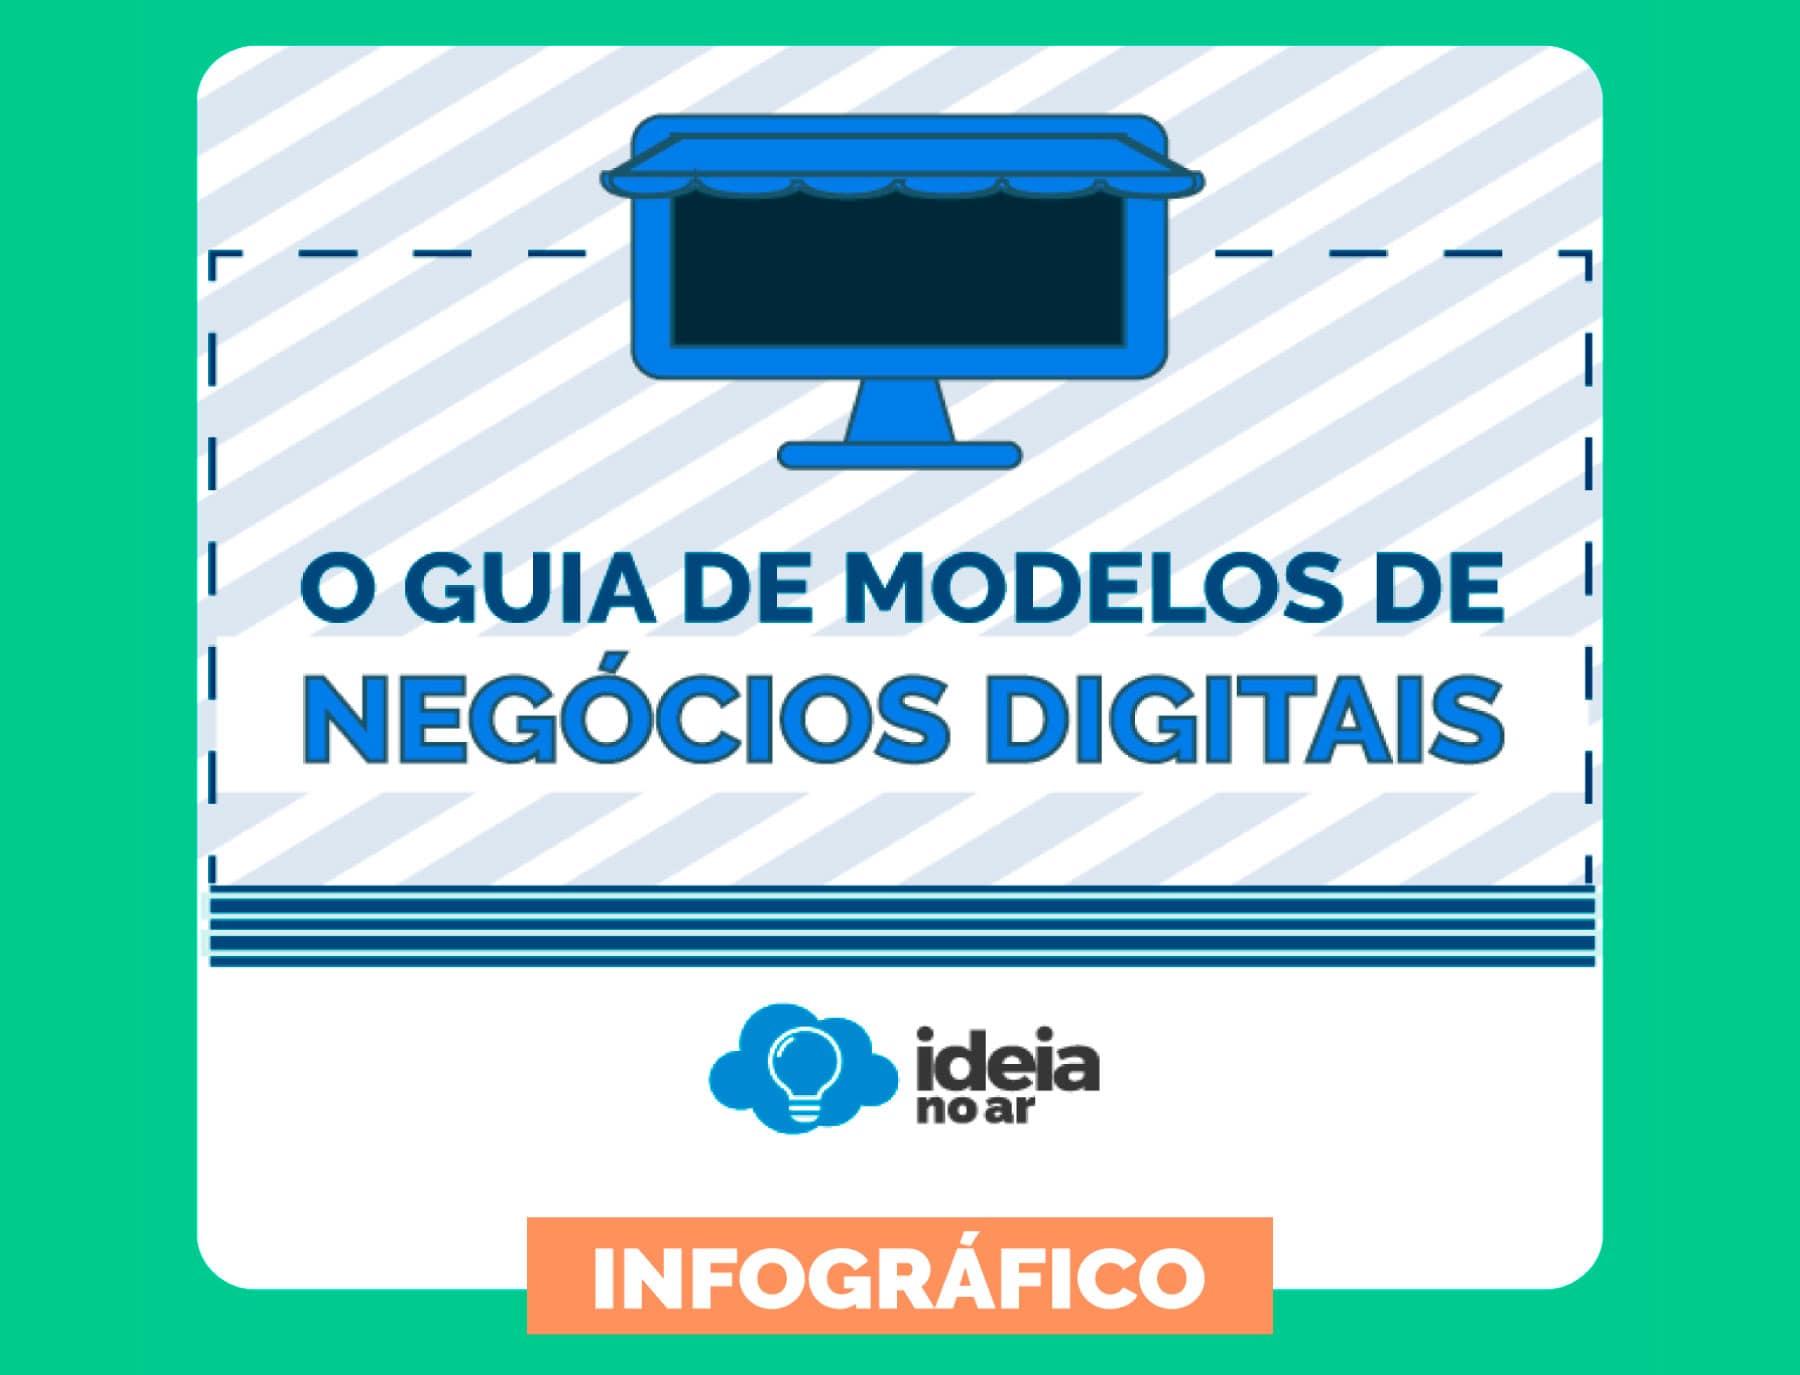 infografico-modelos-negocio-digital